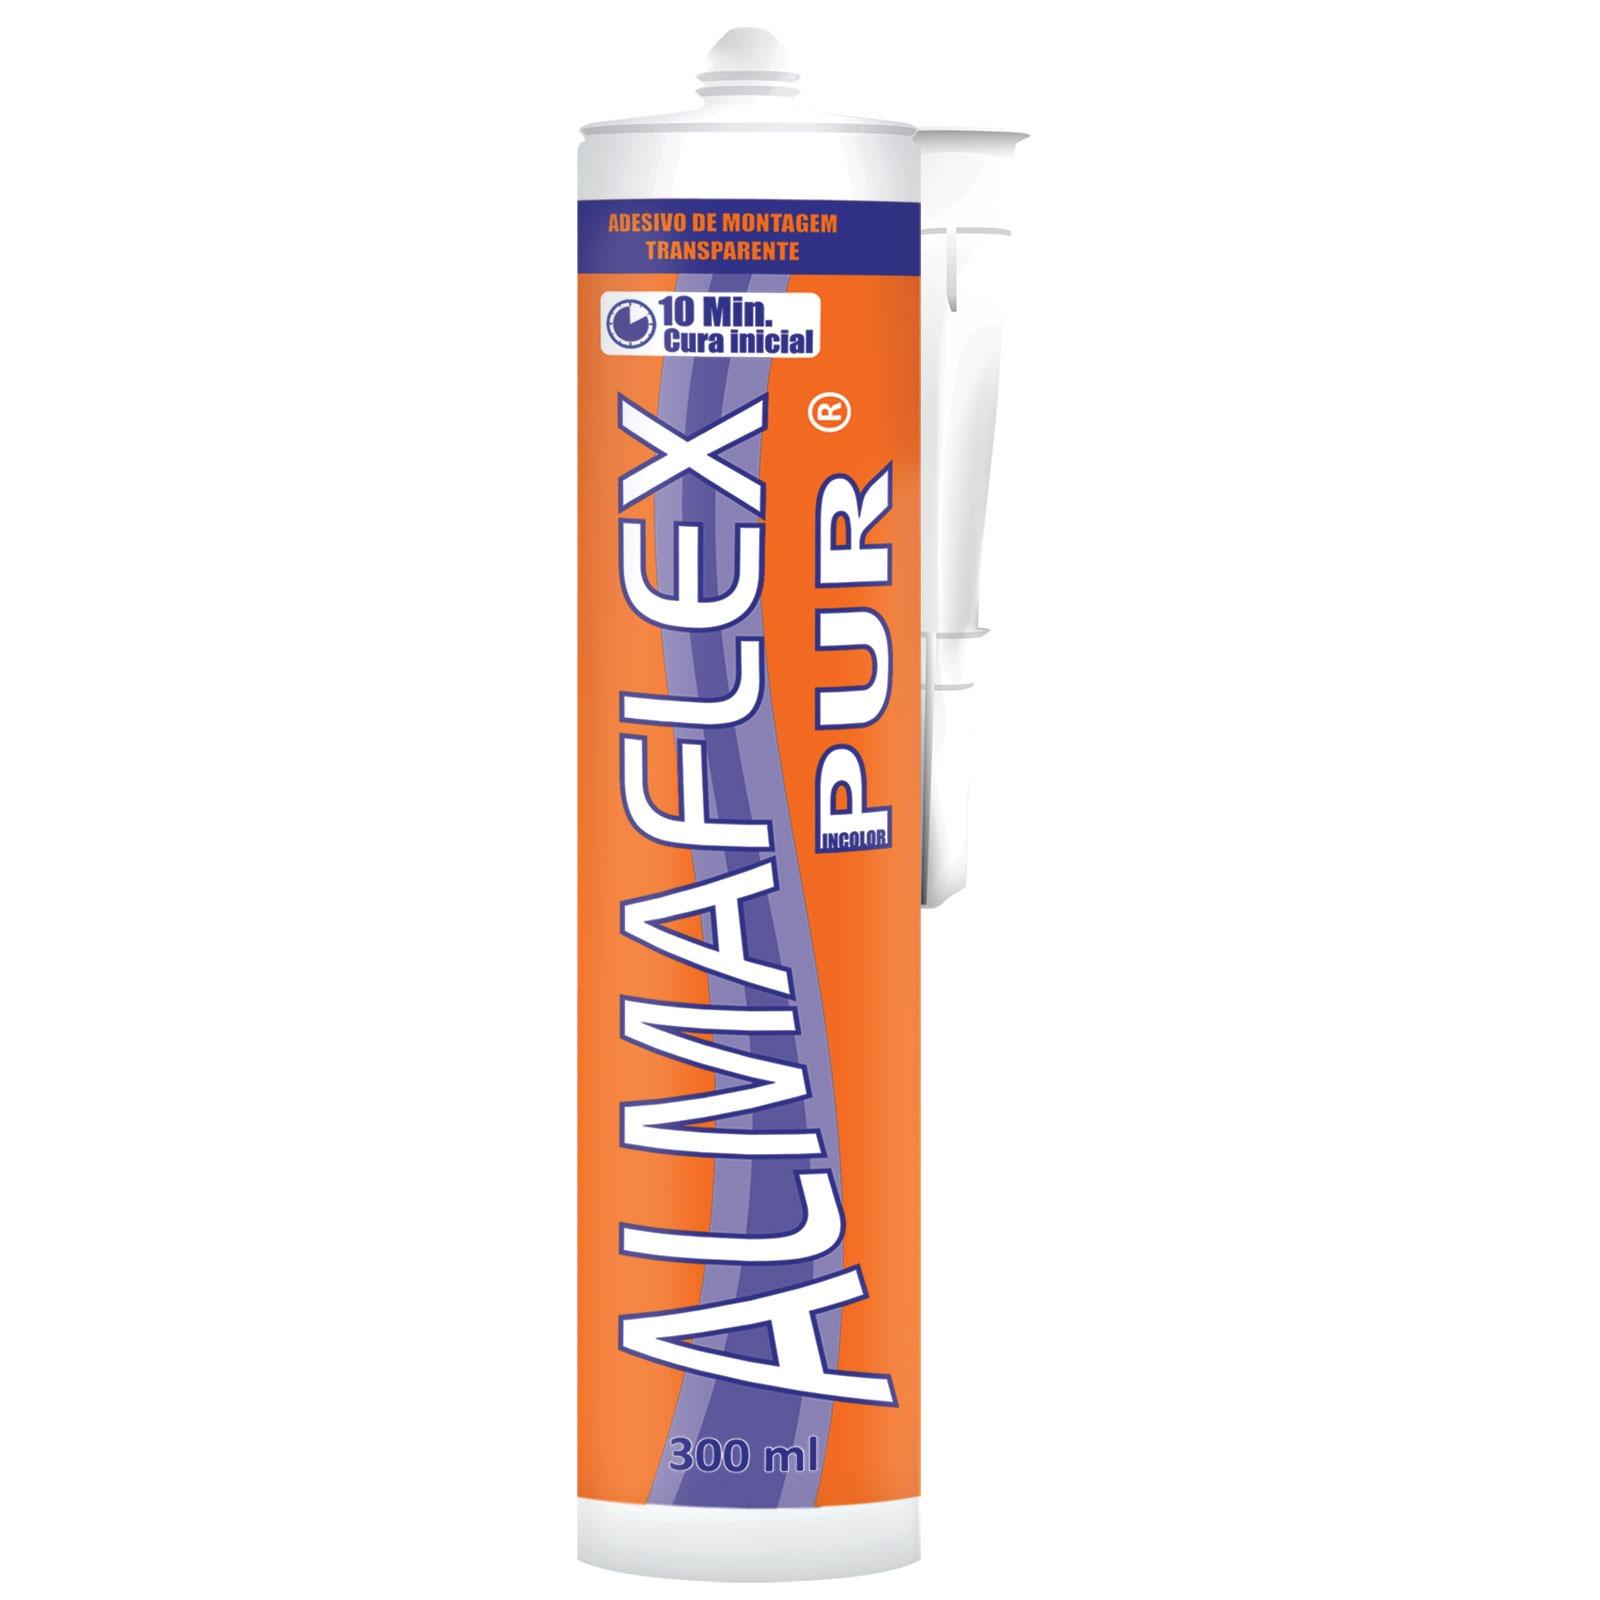 Adesivo Almaflex Pur 300 ml